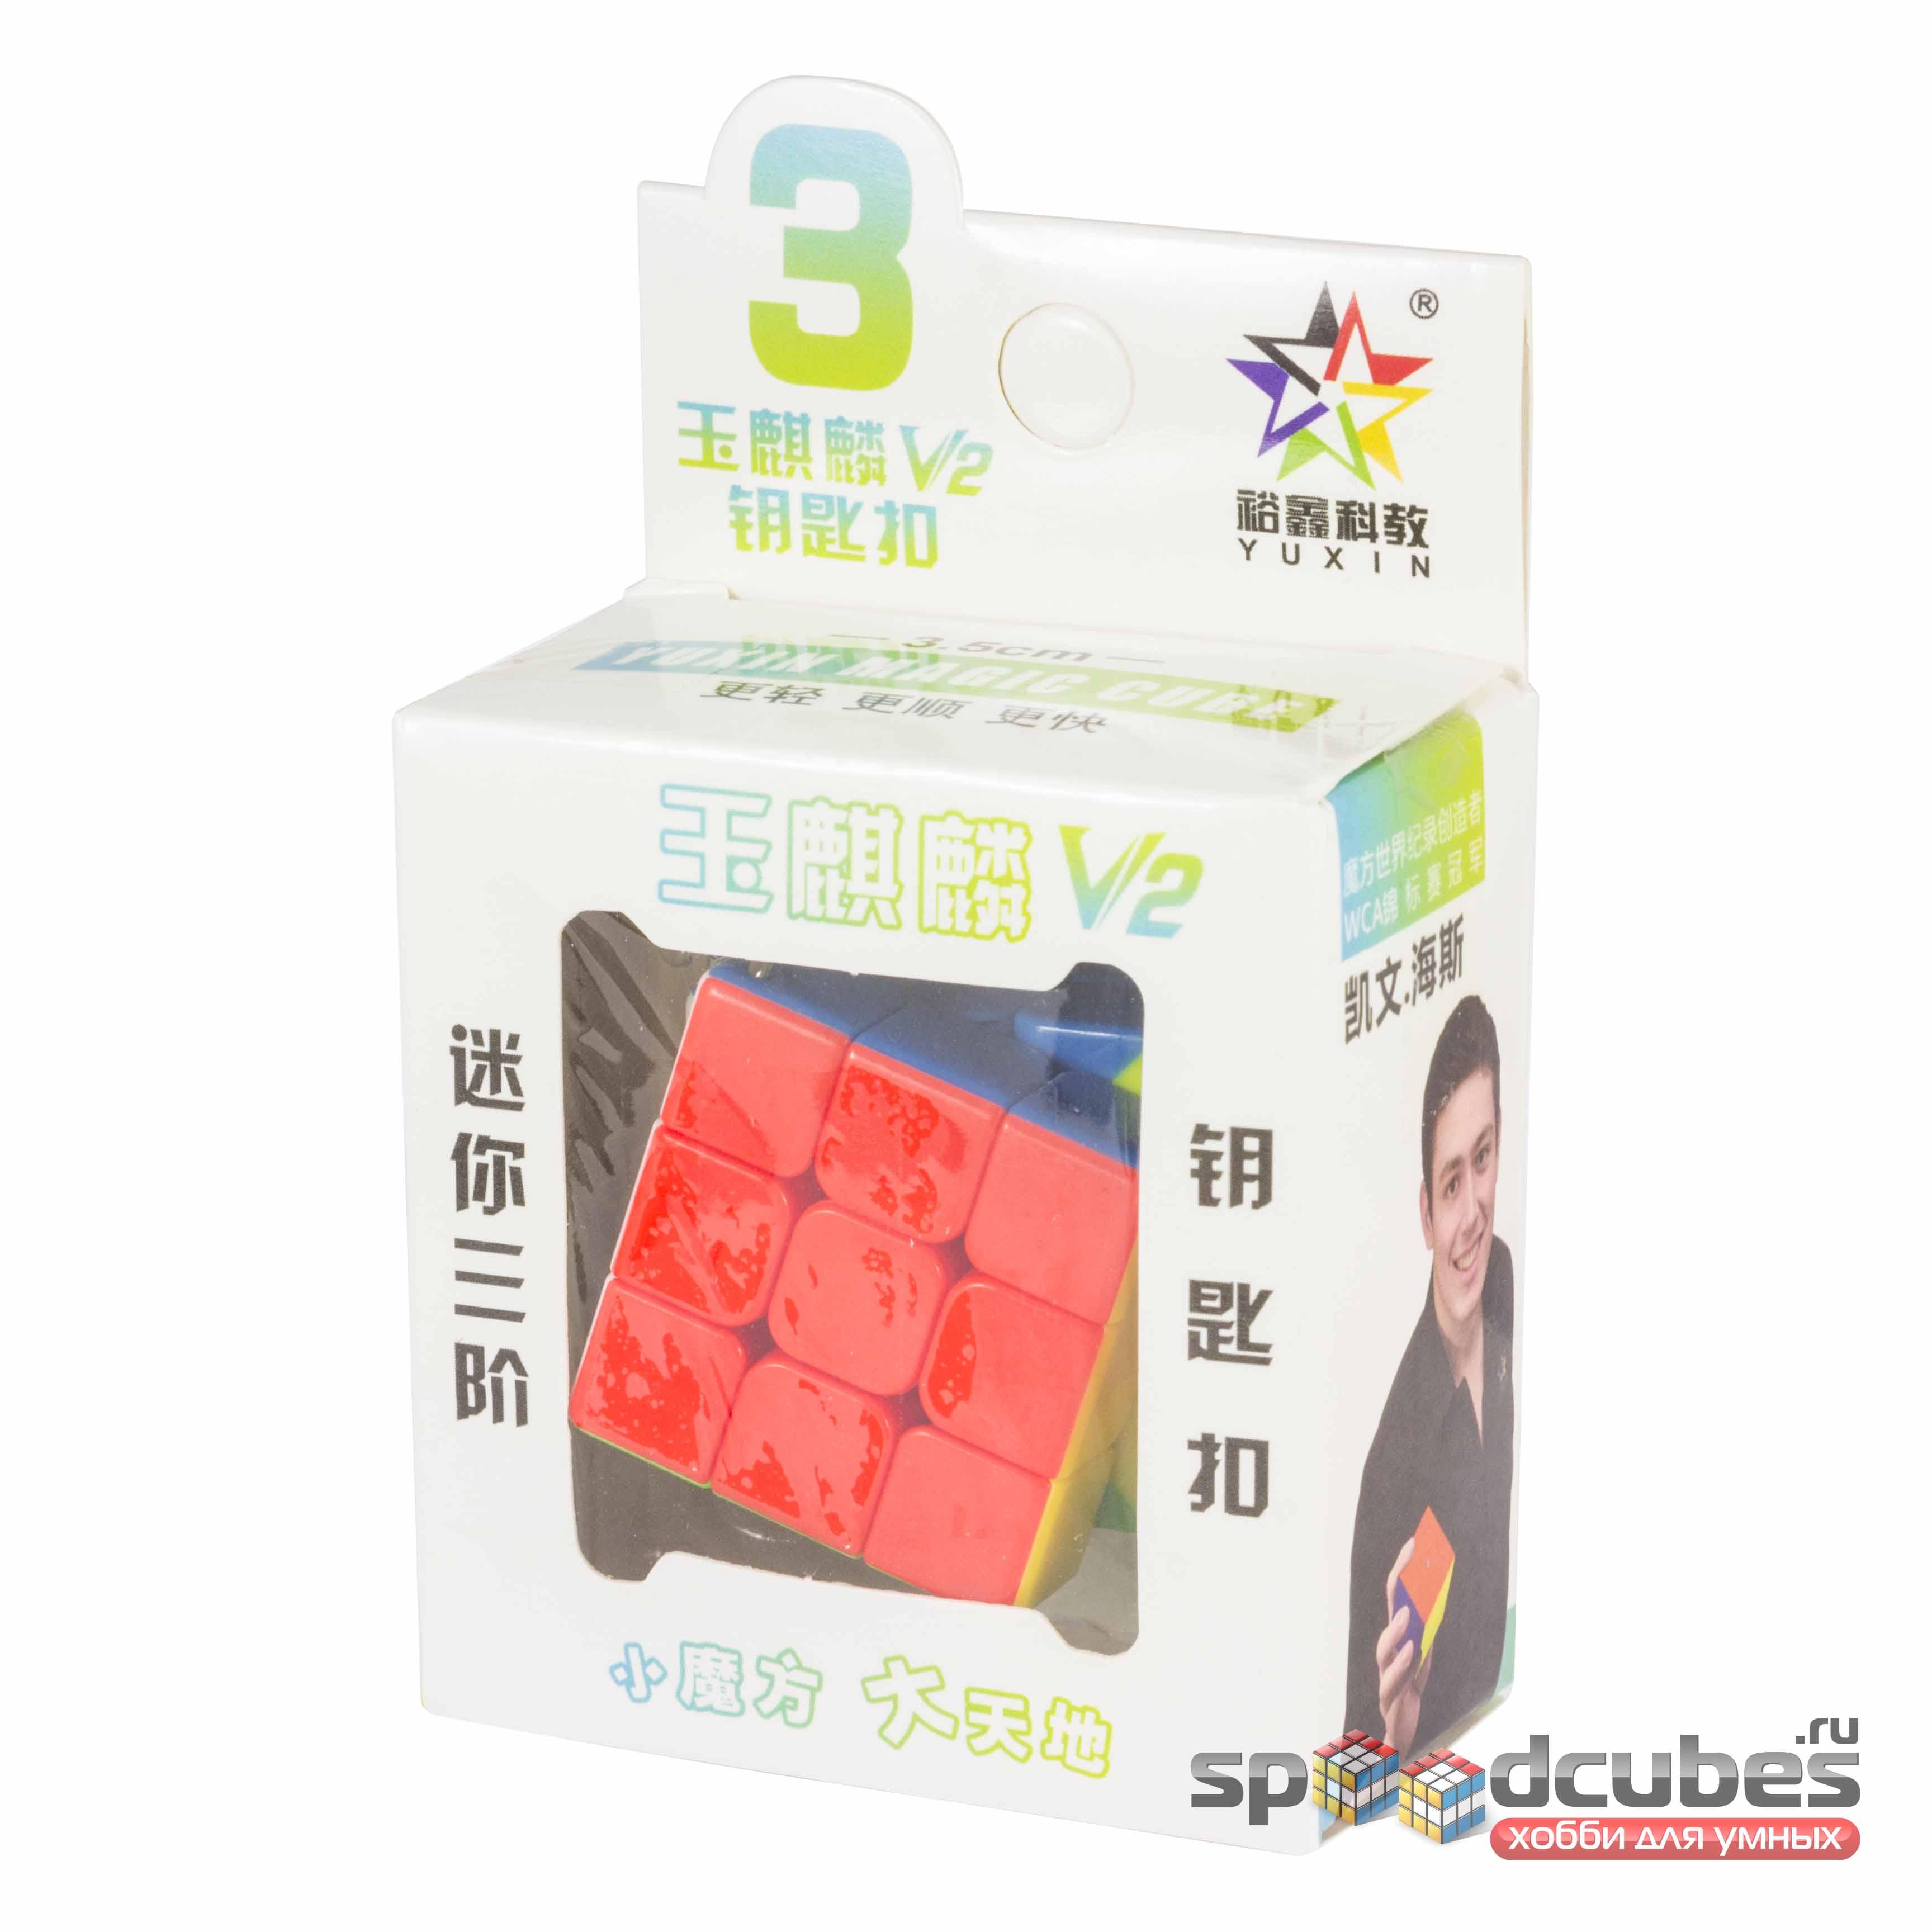 Yuxin 3x3x3 35 Mm брелок (цв) 1